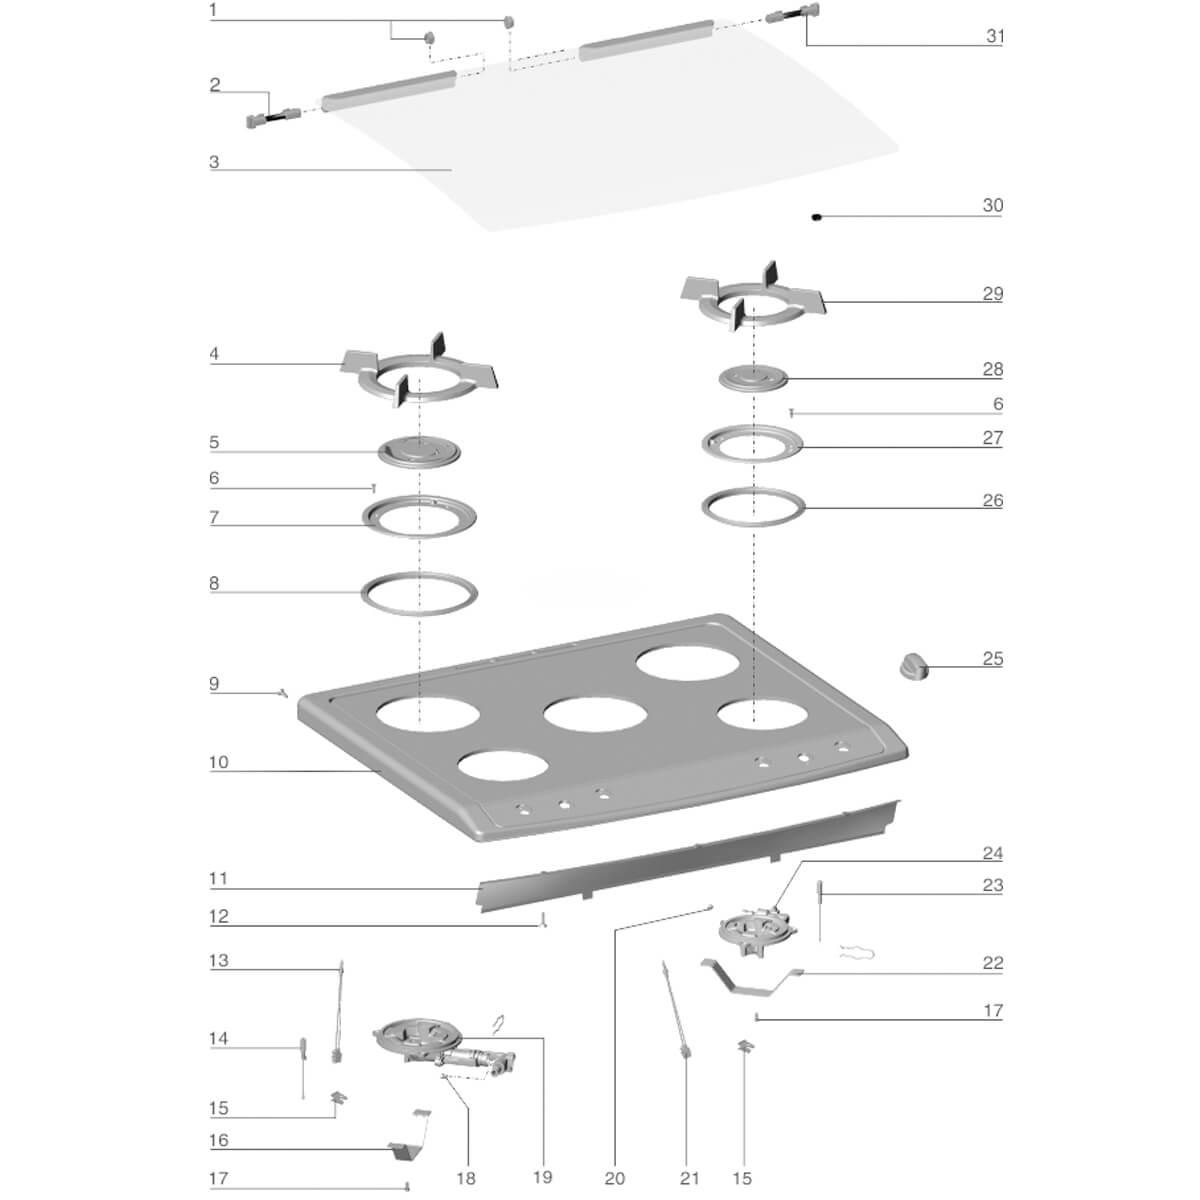 Vedação Arremate Do Queimador Semi Rápido Para Fogão Electrolux 76EGN 76DGN - A02871101